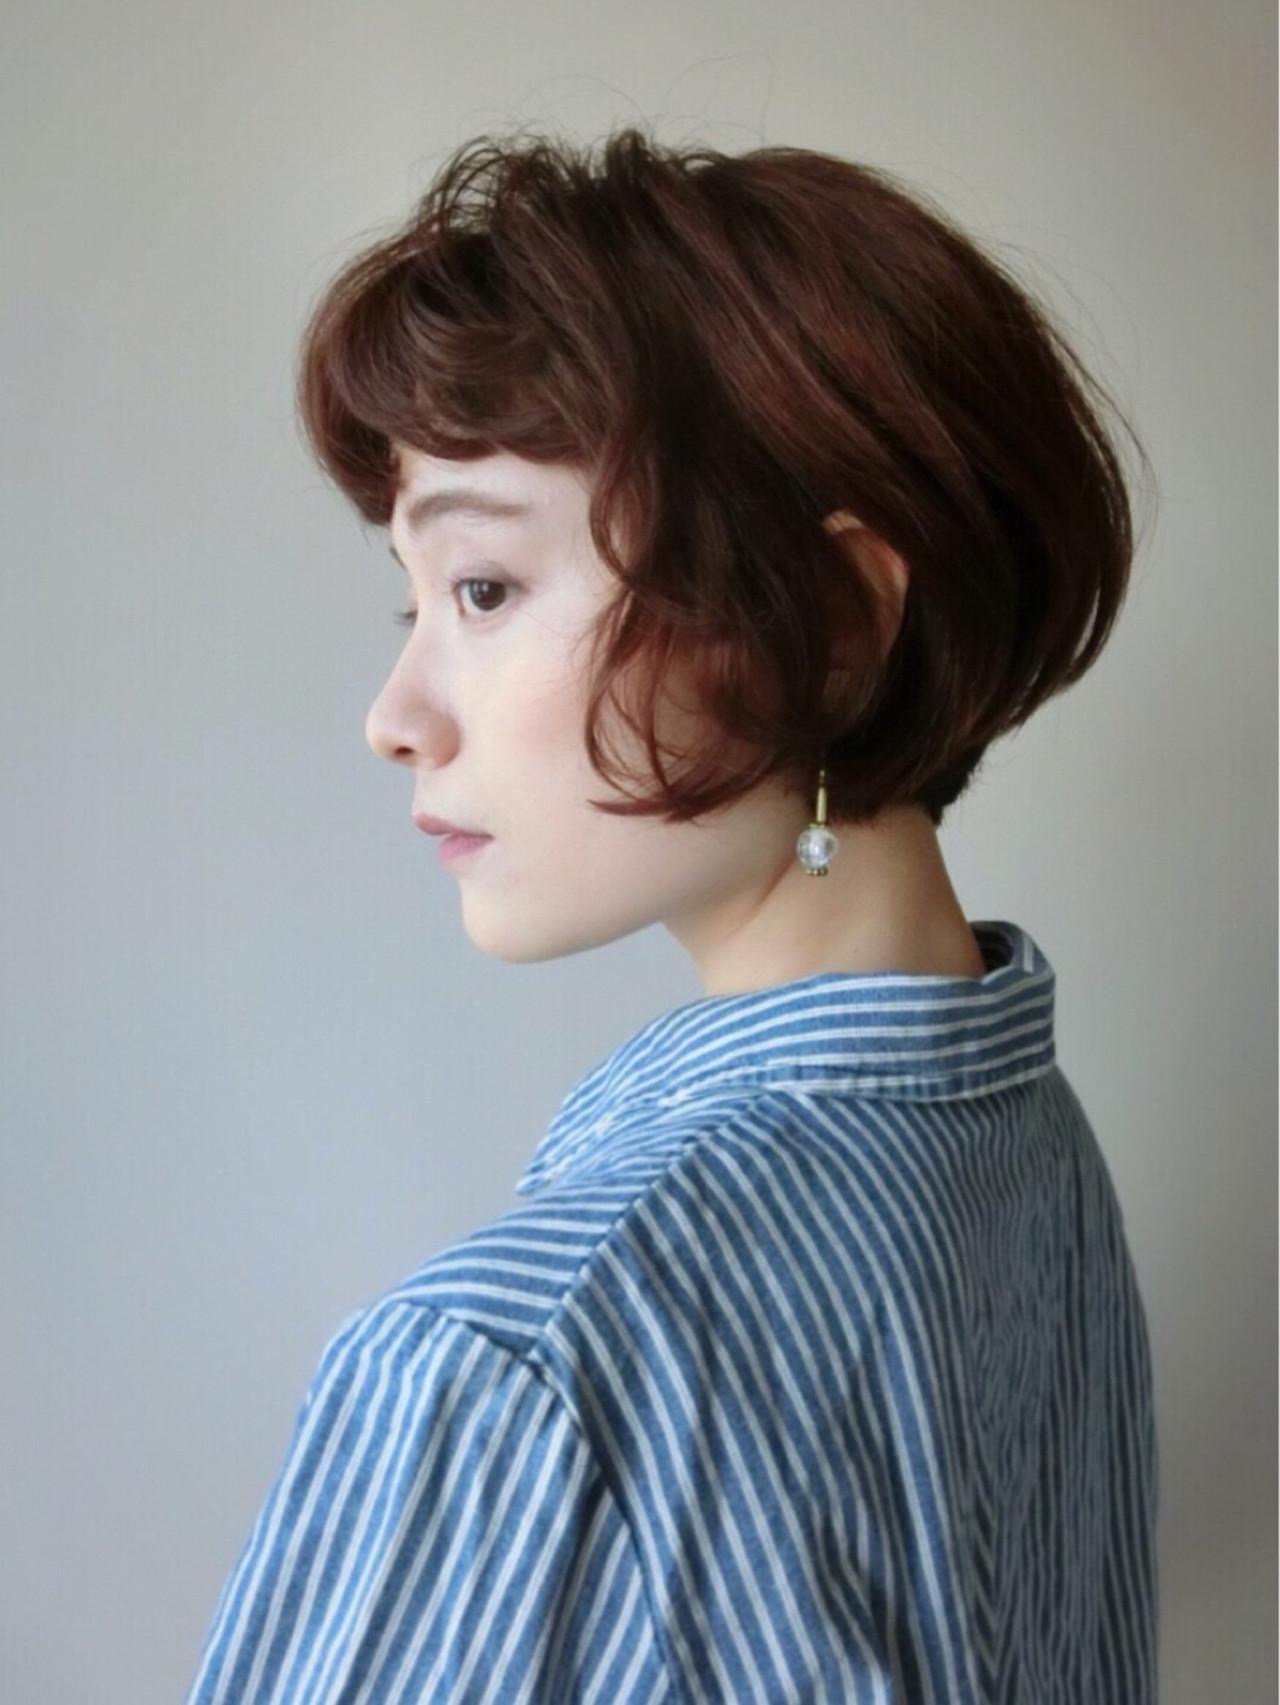 くせ毛風 外国人風 ウェーブ アンニュイ ヘアスタイルや髪型の写真・画像